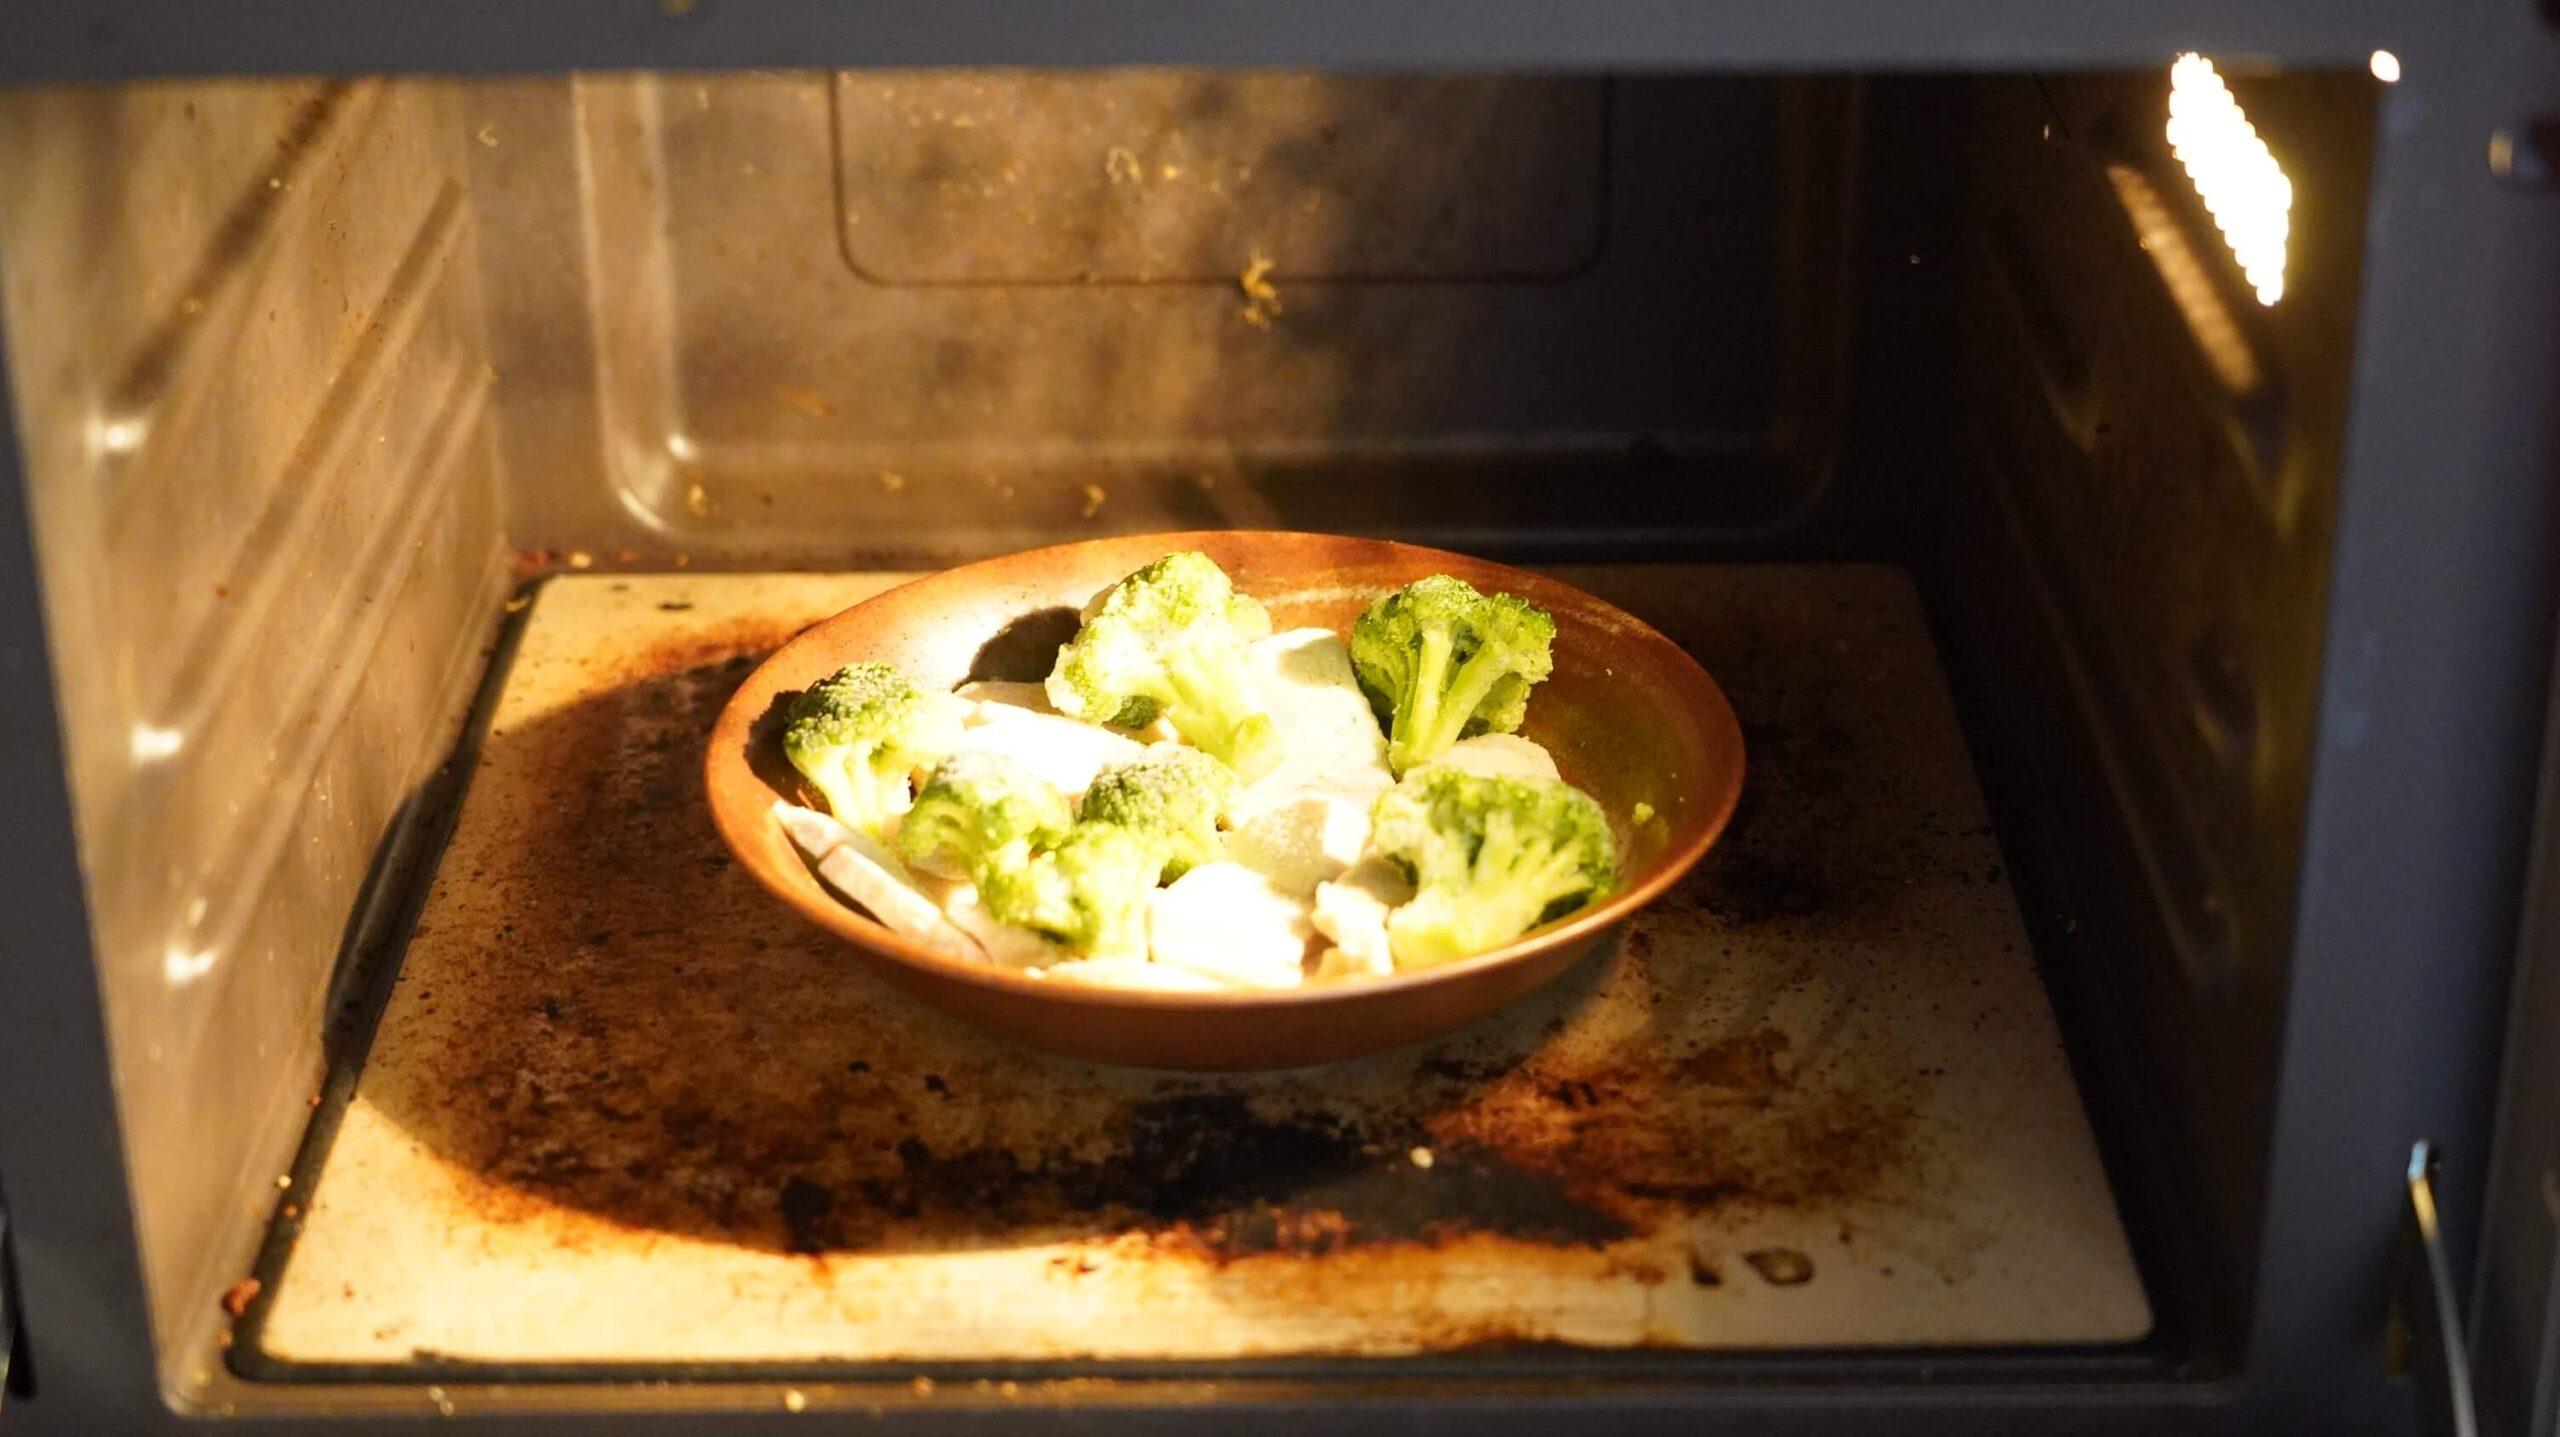 セブンイレブンの冷凍食品「鶏むね肉とブロッコリー」を電子レンジで加熱している写真